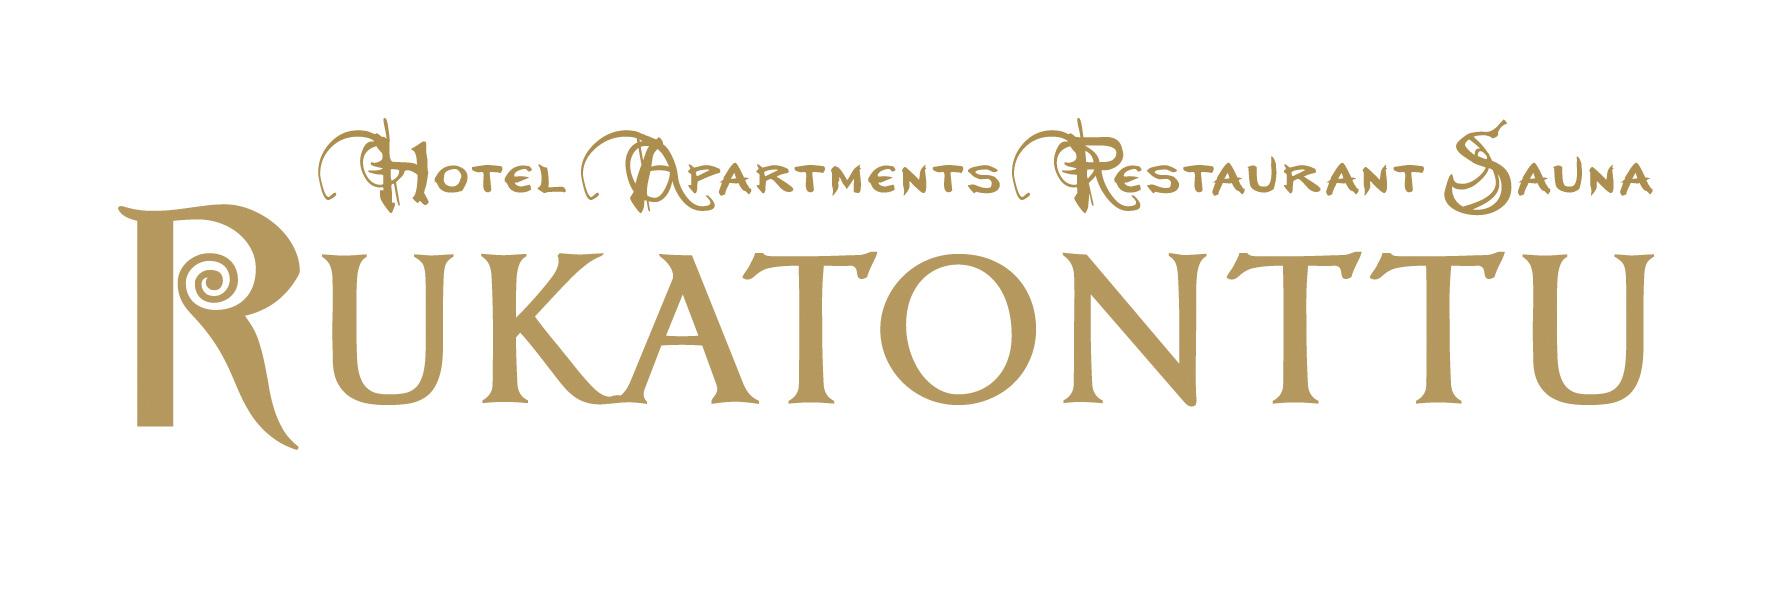 RukaTonttu - Logo